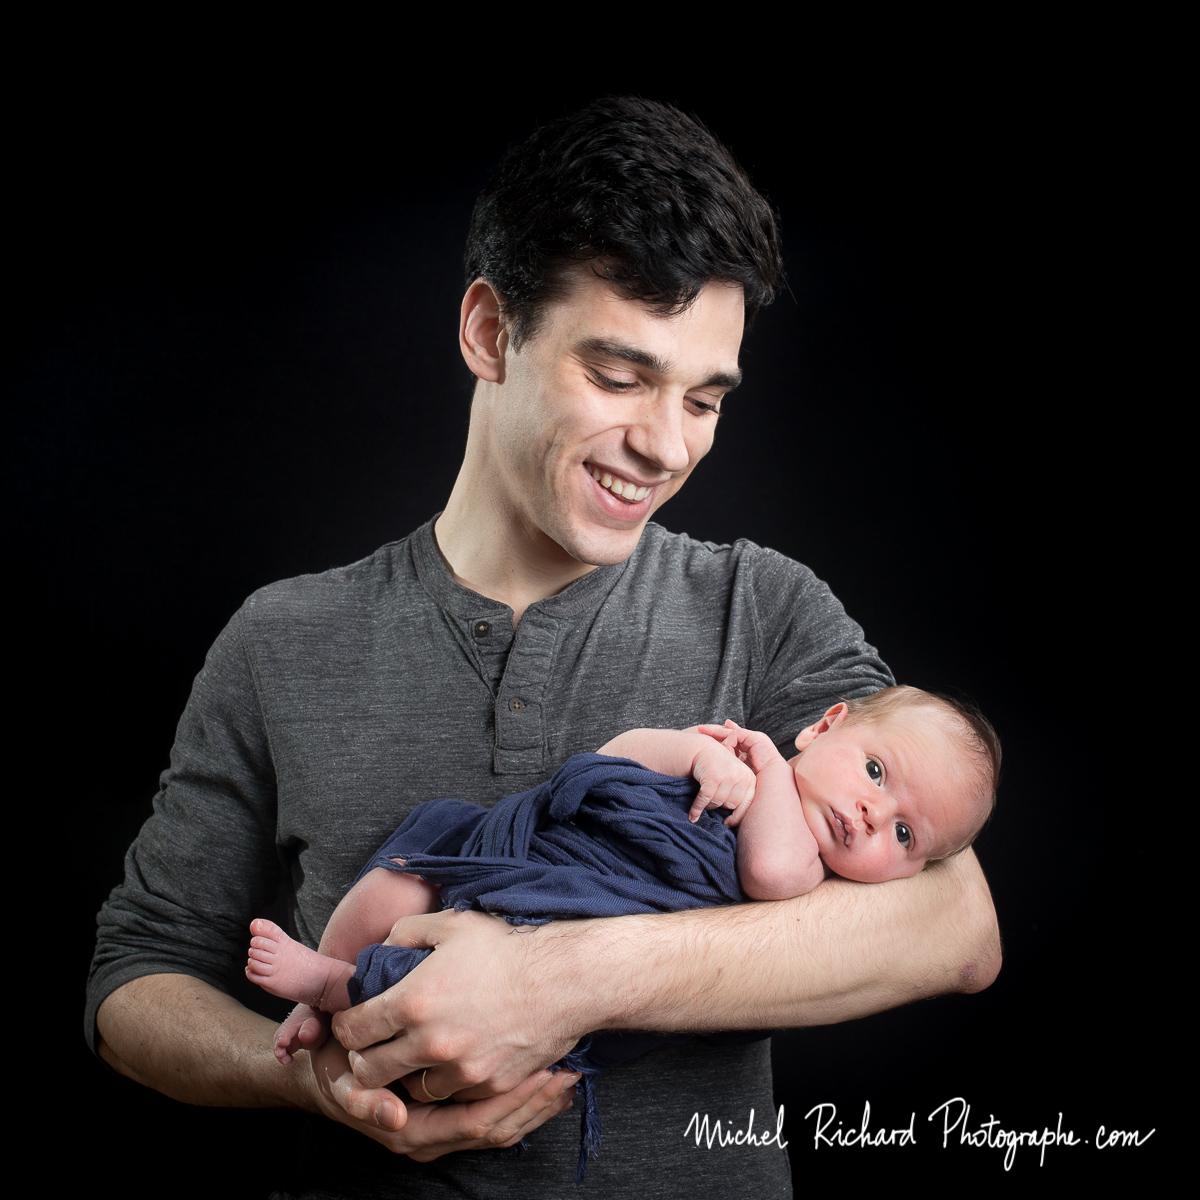 père tient son bébé dans les bras.